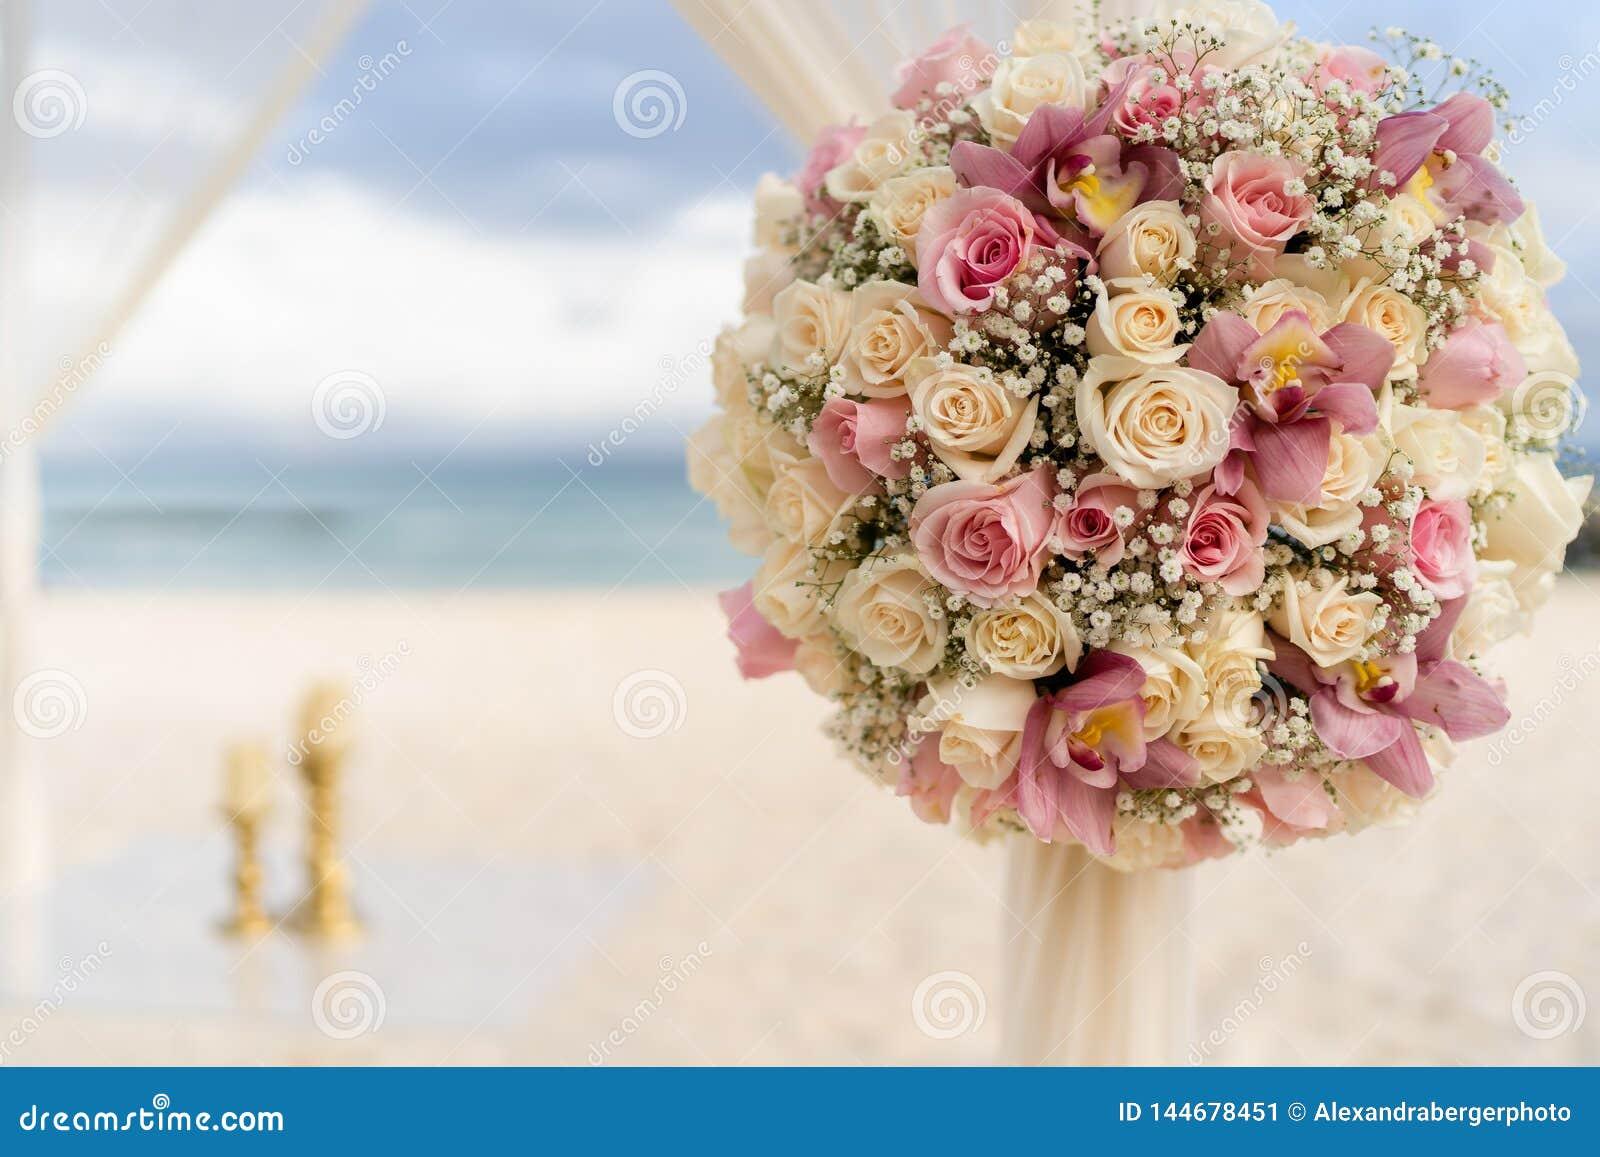 Decoración romántica con las flores de una boda de playa en la playa con el mar en el fondo